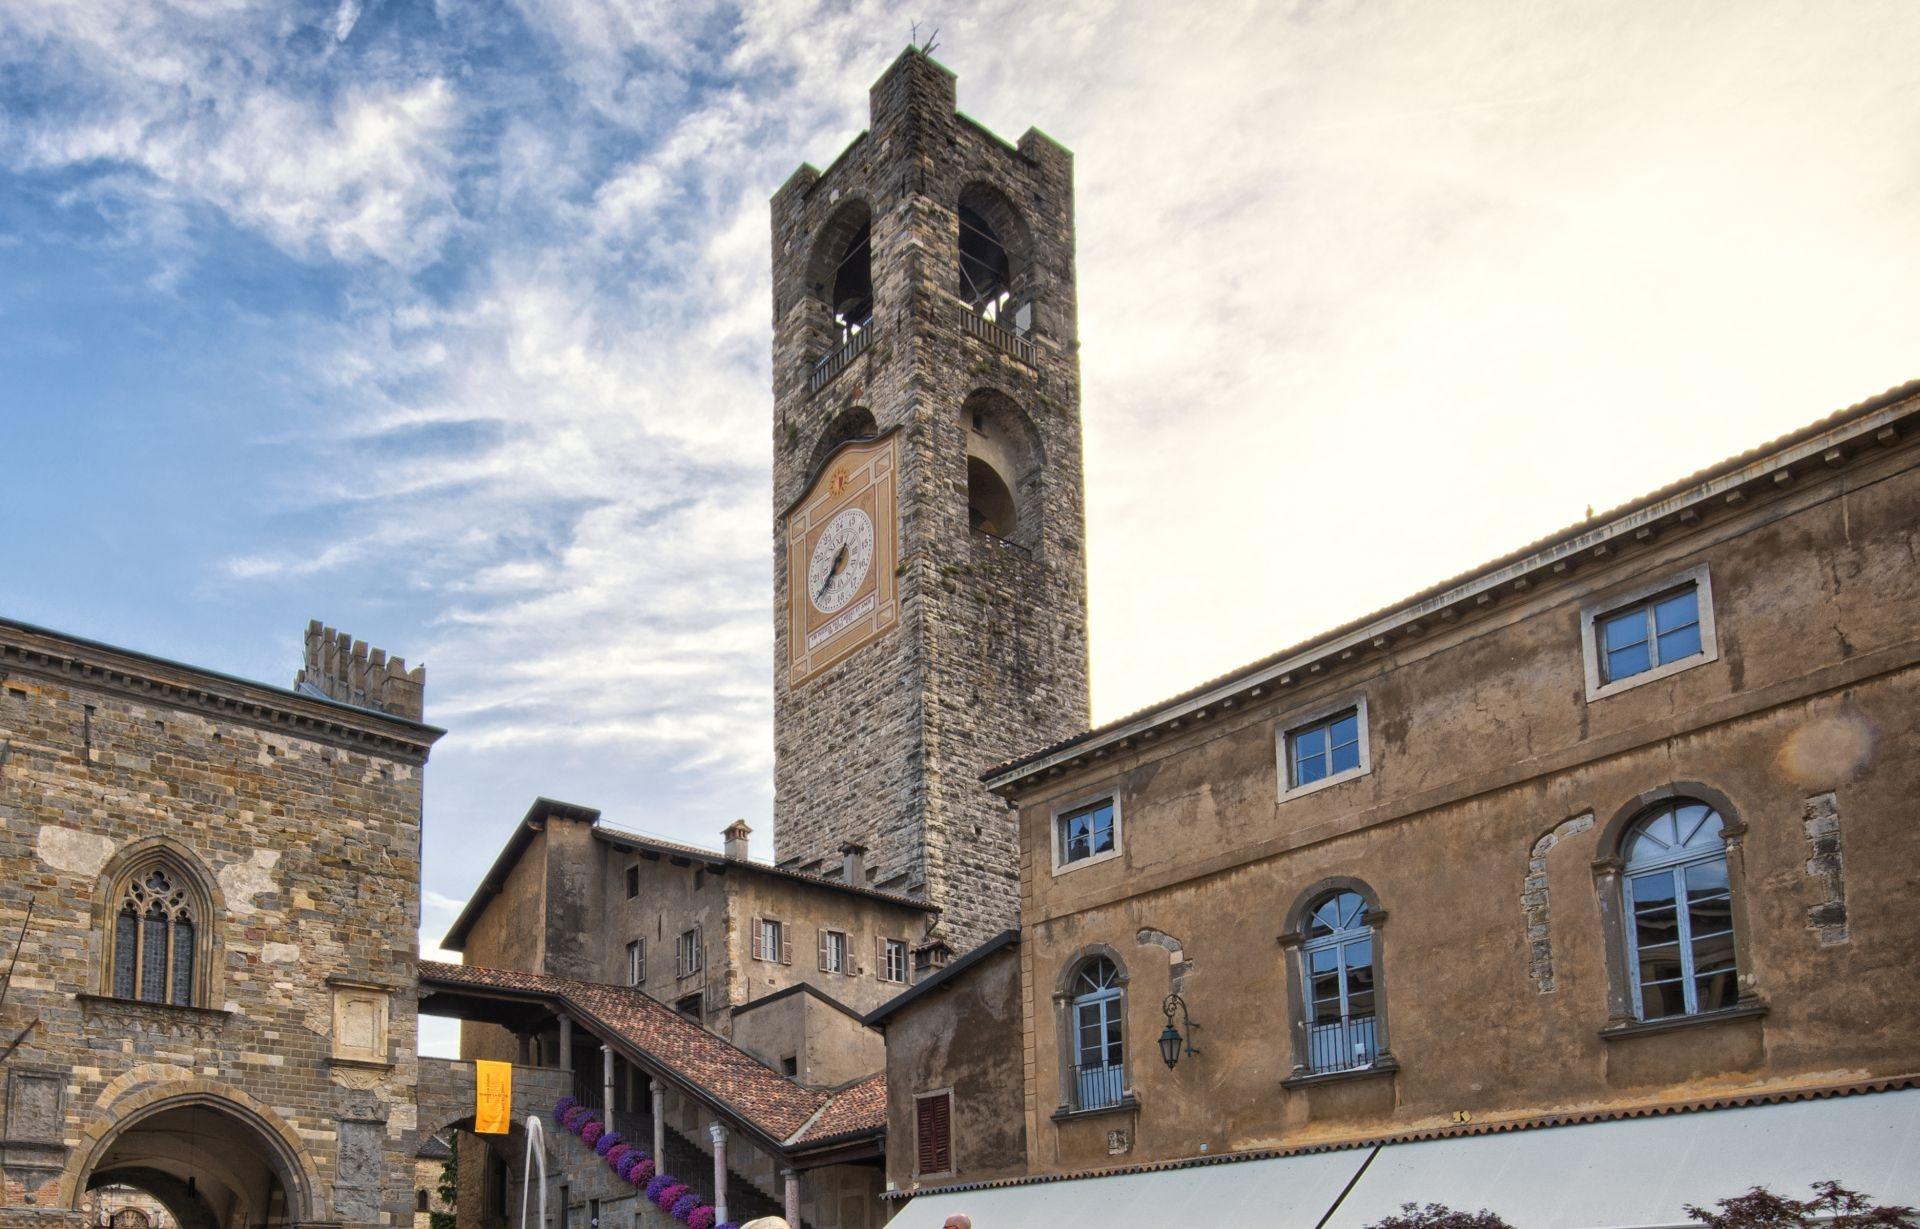 Informazione di bergamo lombardia italia torre civica for Mercatini bergamo e provincia oggi